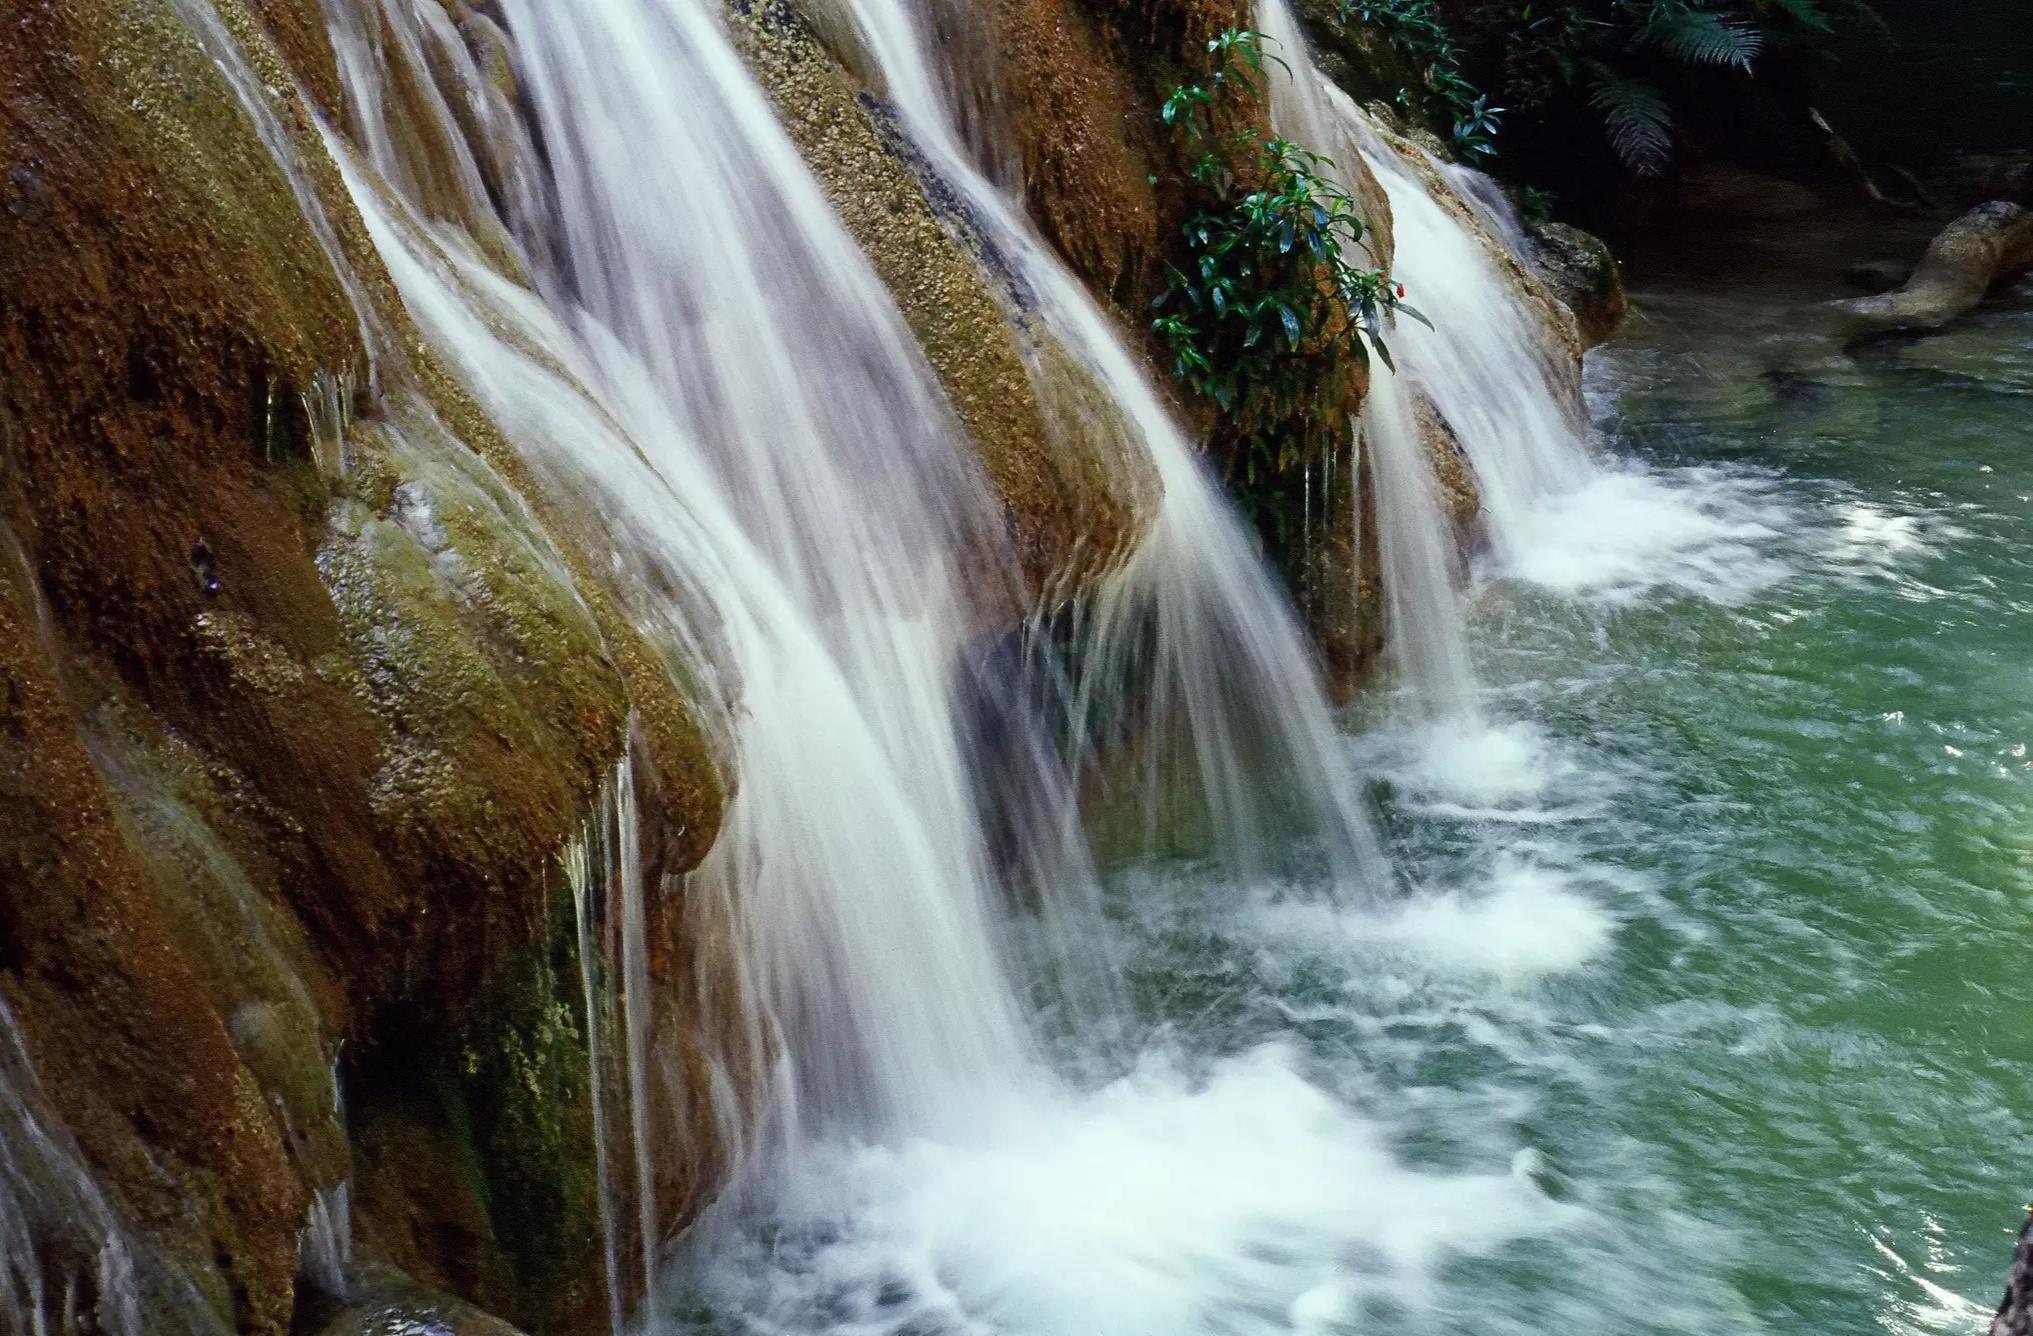 Belas cachoeiras estão entre os vários atrativos do Parque Nacional da Serra da Bodoquena (Foto: Divugação/ICMBio)